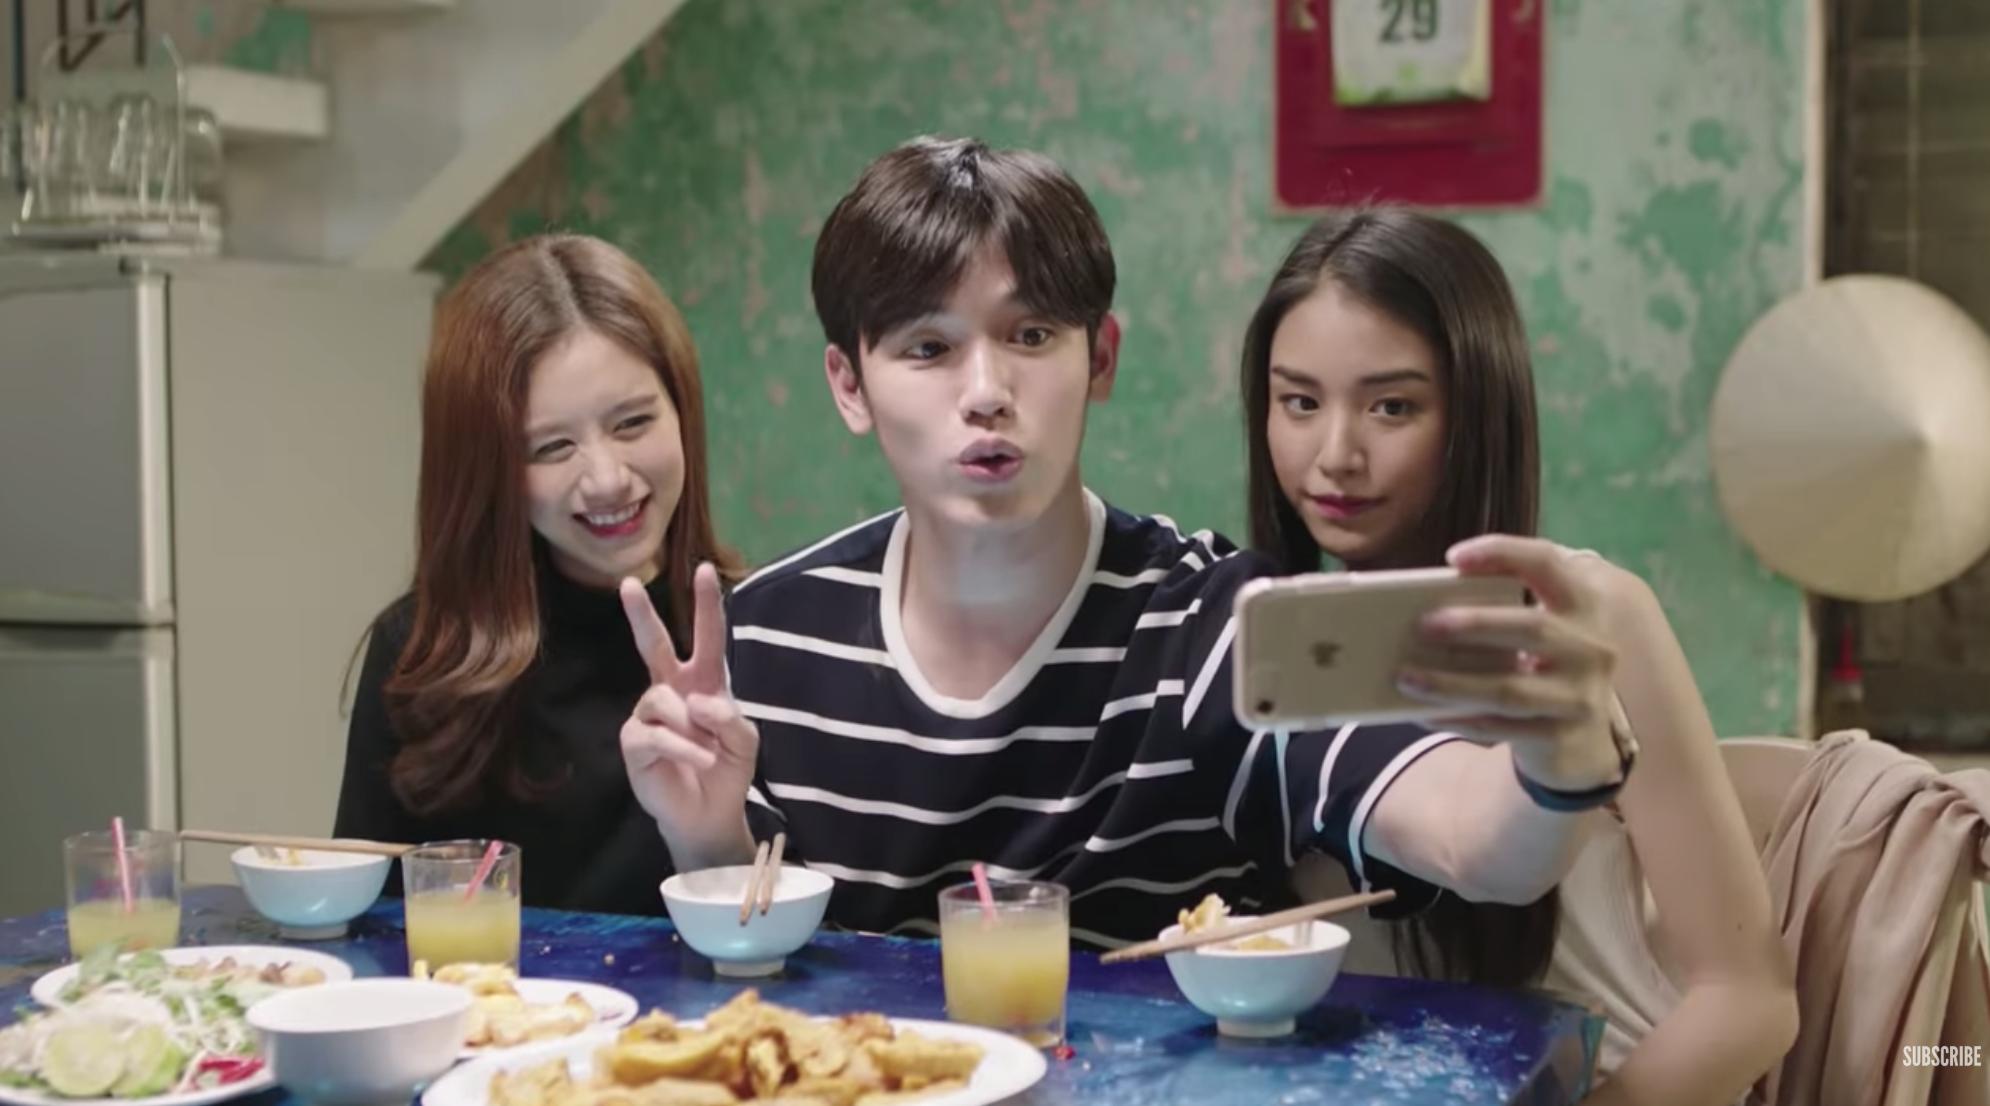 Jun Vũ bất ngờ xuất hiện liếc mắt đưa tình với HLV gốc Việt của The Face trong trailer phim Thái - Ảnh 7.